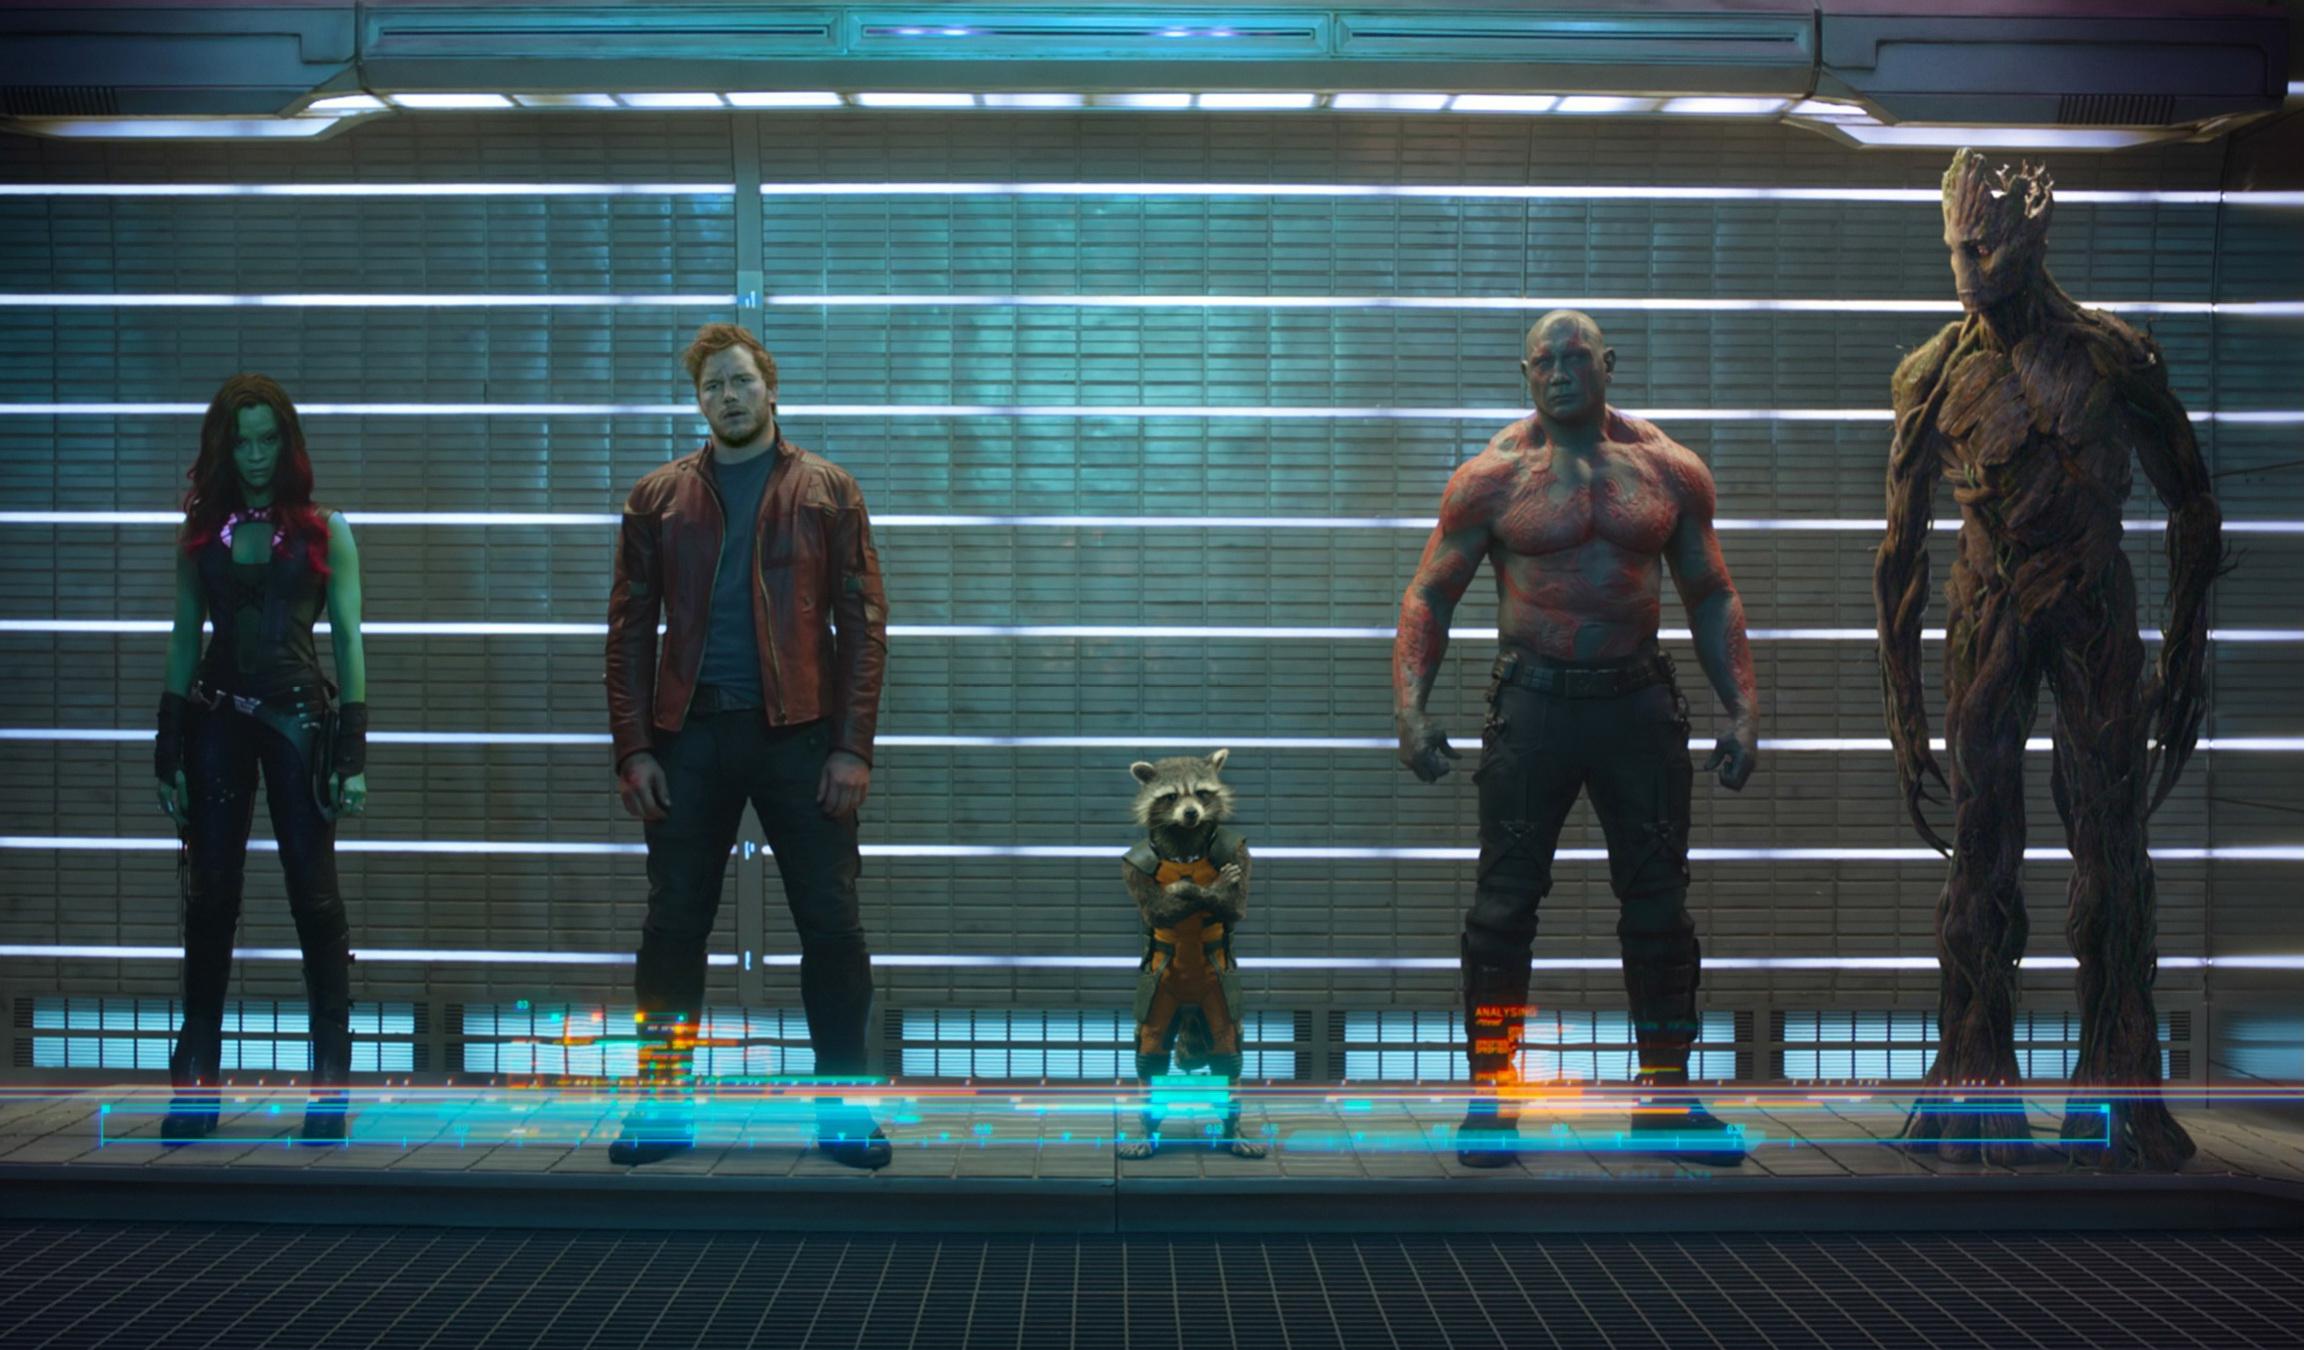 Marvel08/Primera imagen oficial y sinopsis para Guardianes de la Galaxia